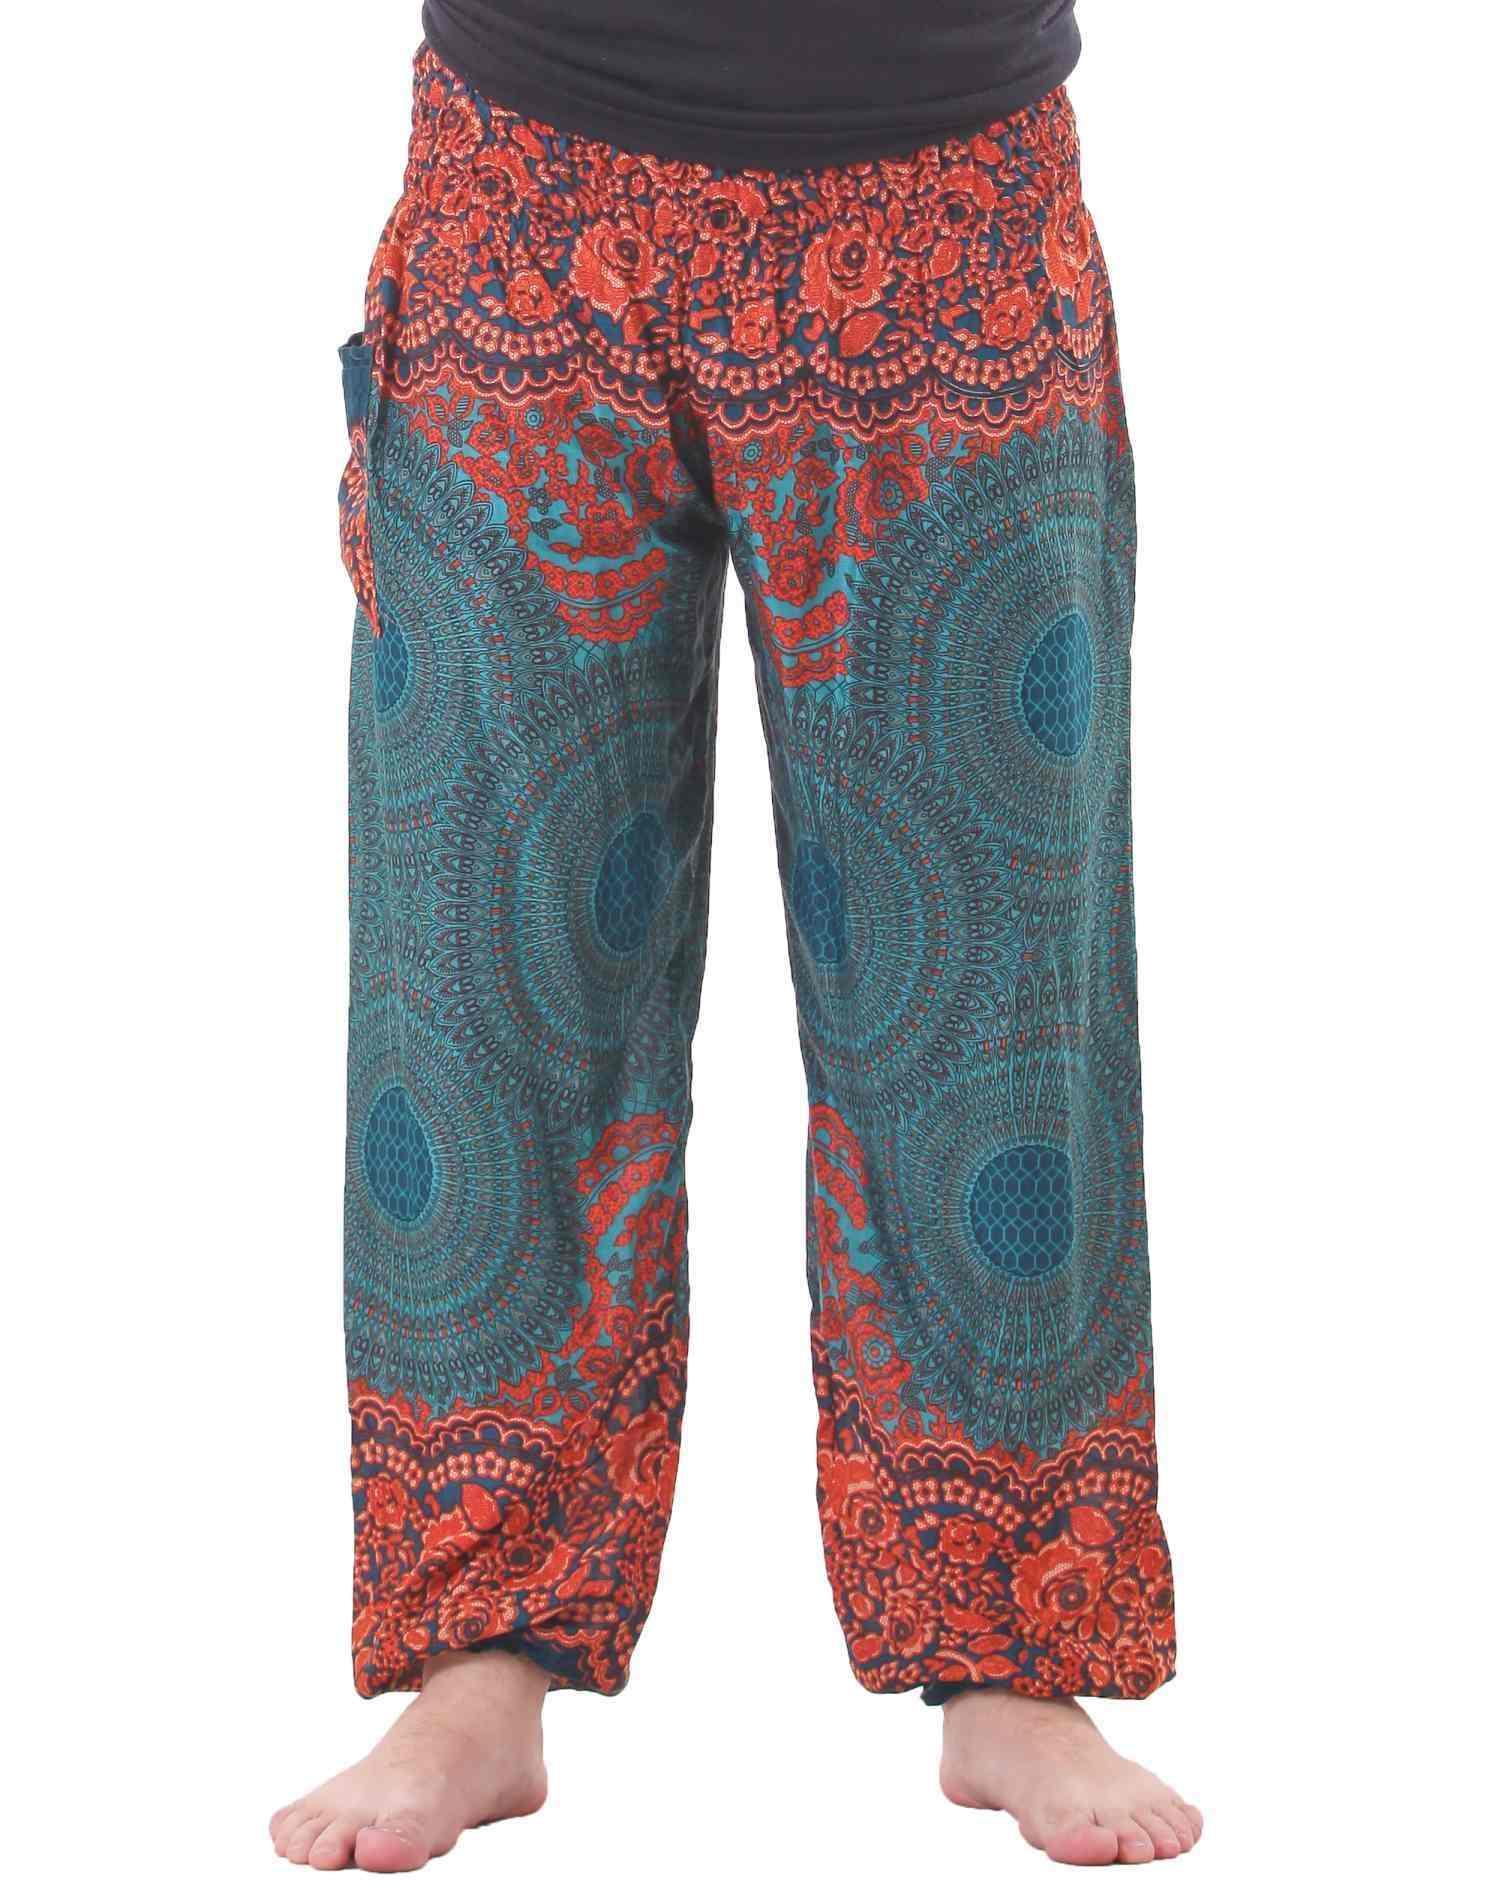 mandala harem hippie pants in turquoise for men UUBKTSN